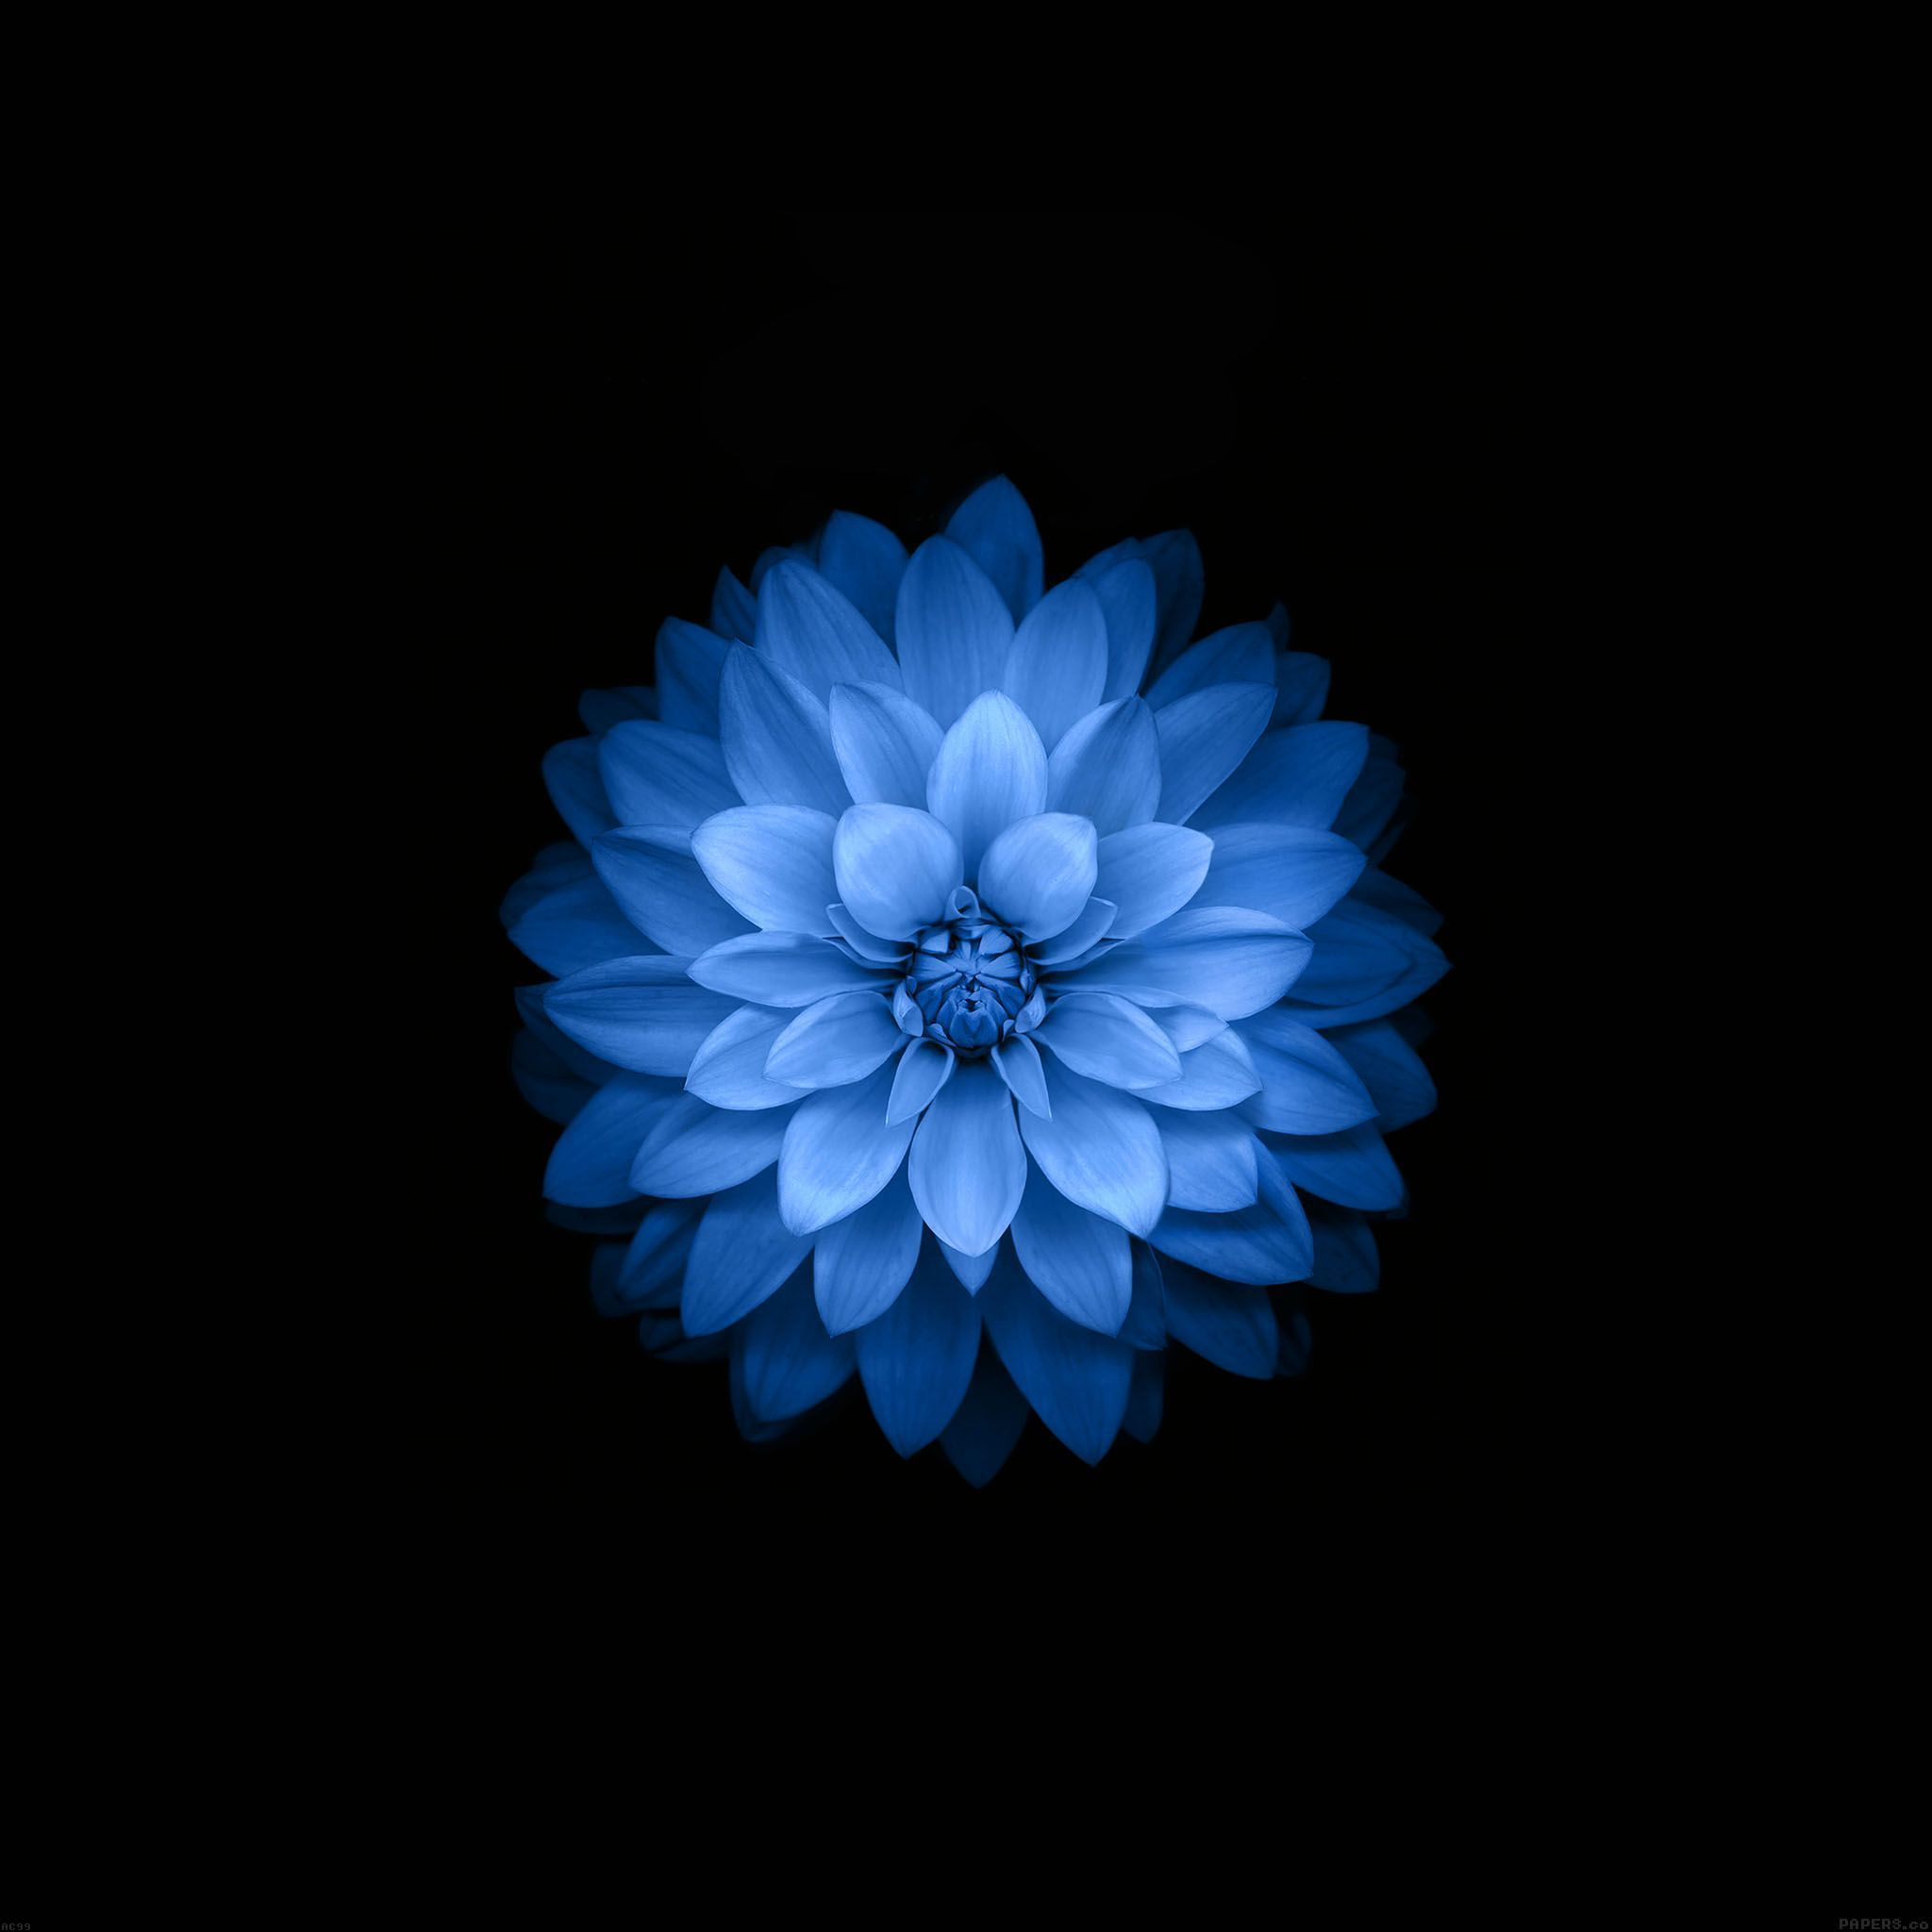 fond d écran fleur iphone